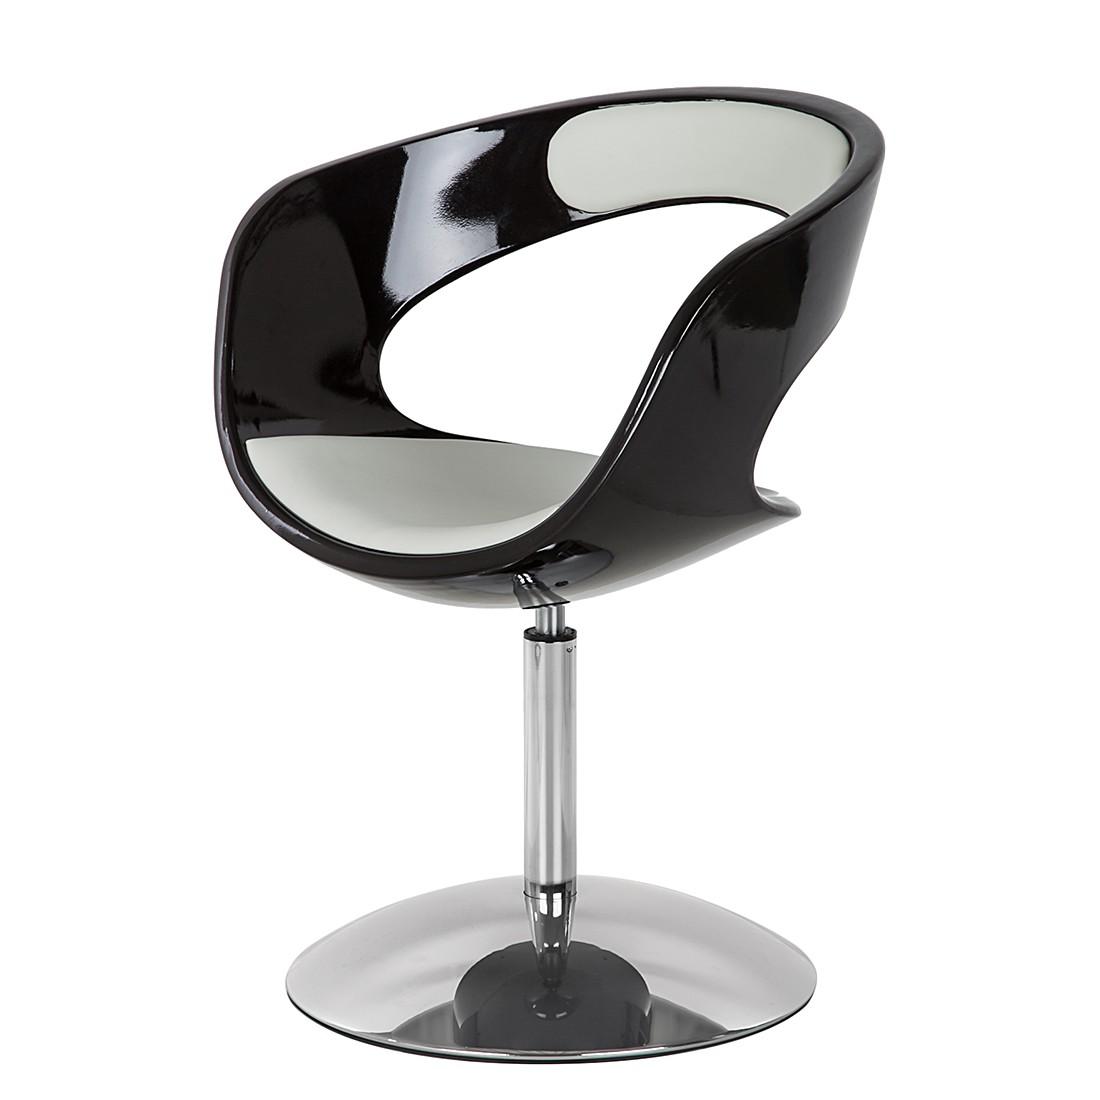 Fauteuil pivotant Merida - Noir / Blanc, loftscape